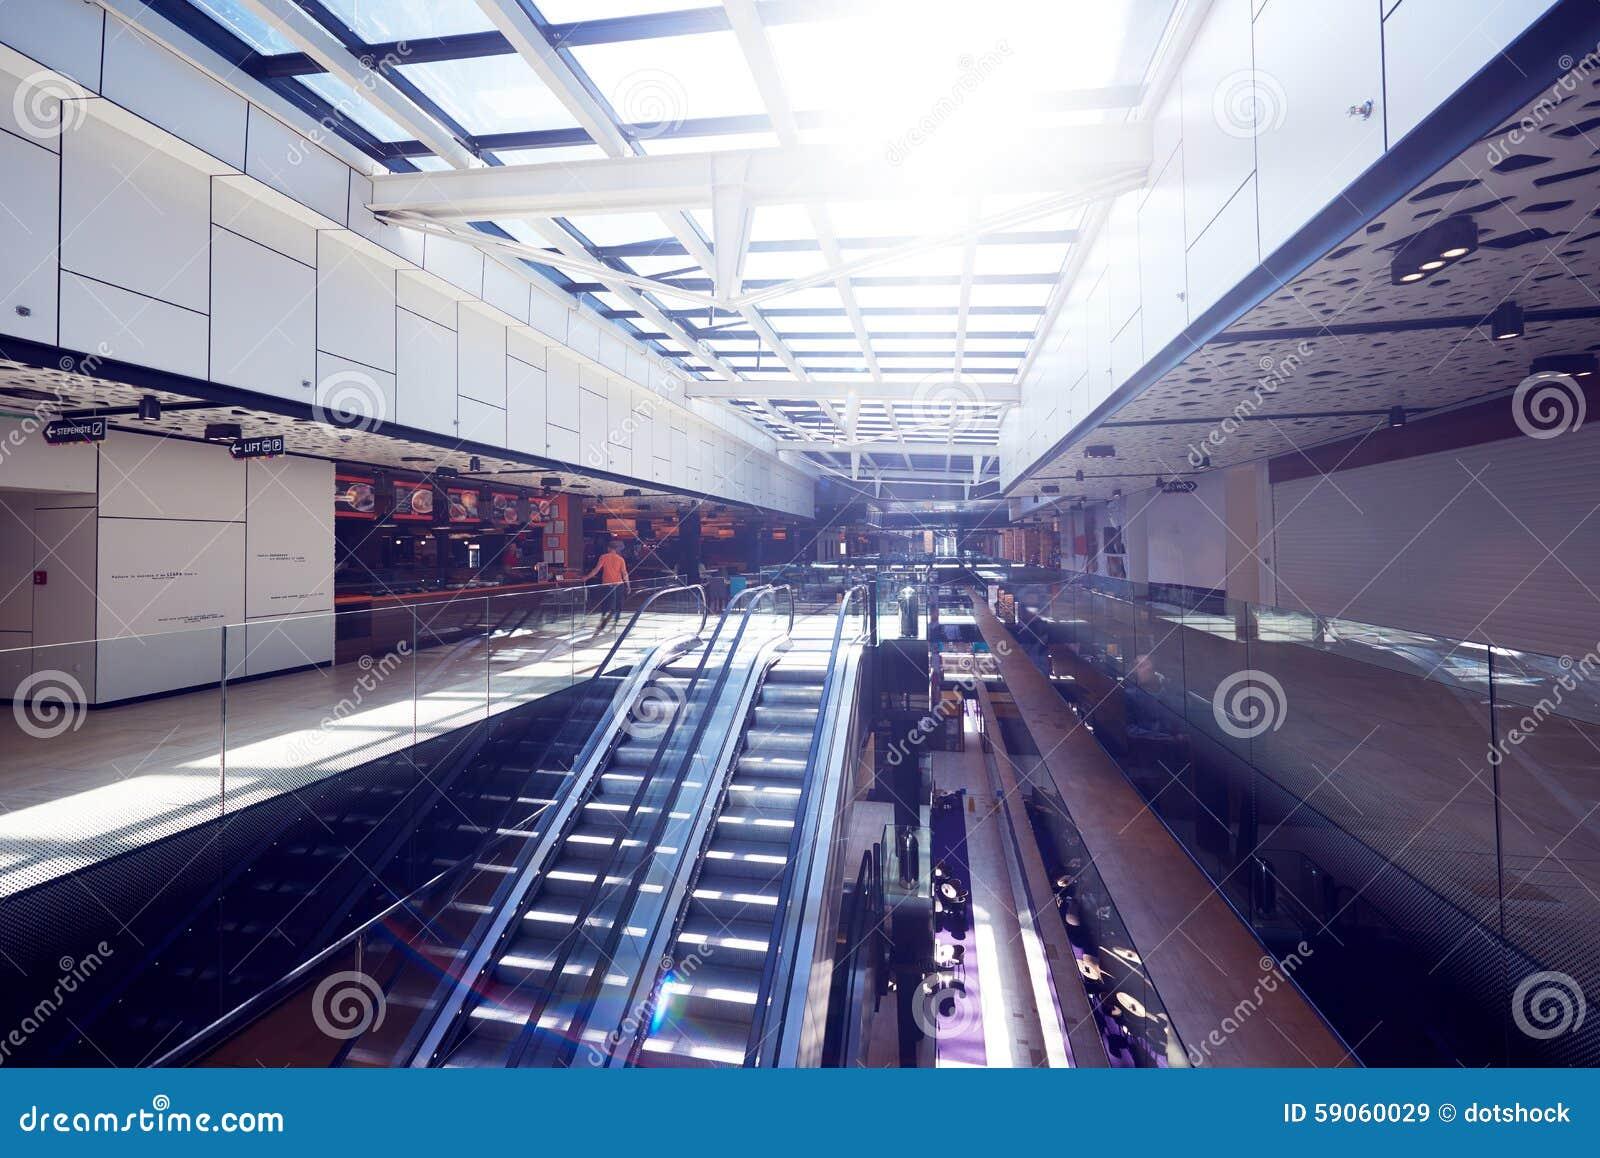 Shopping Mall Interior Escalator Stock Photo ...